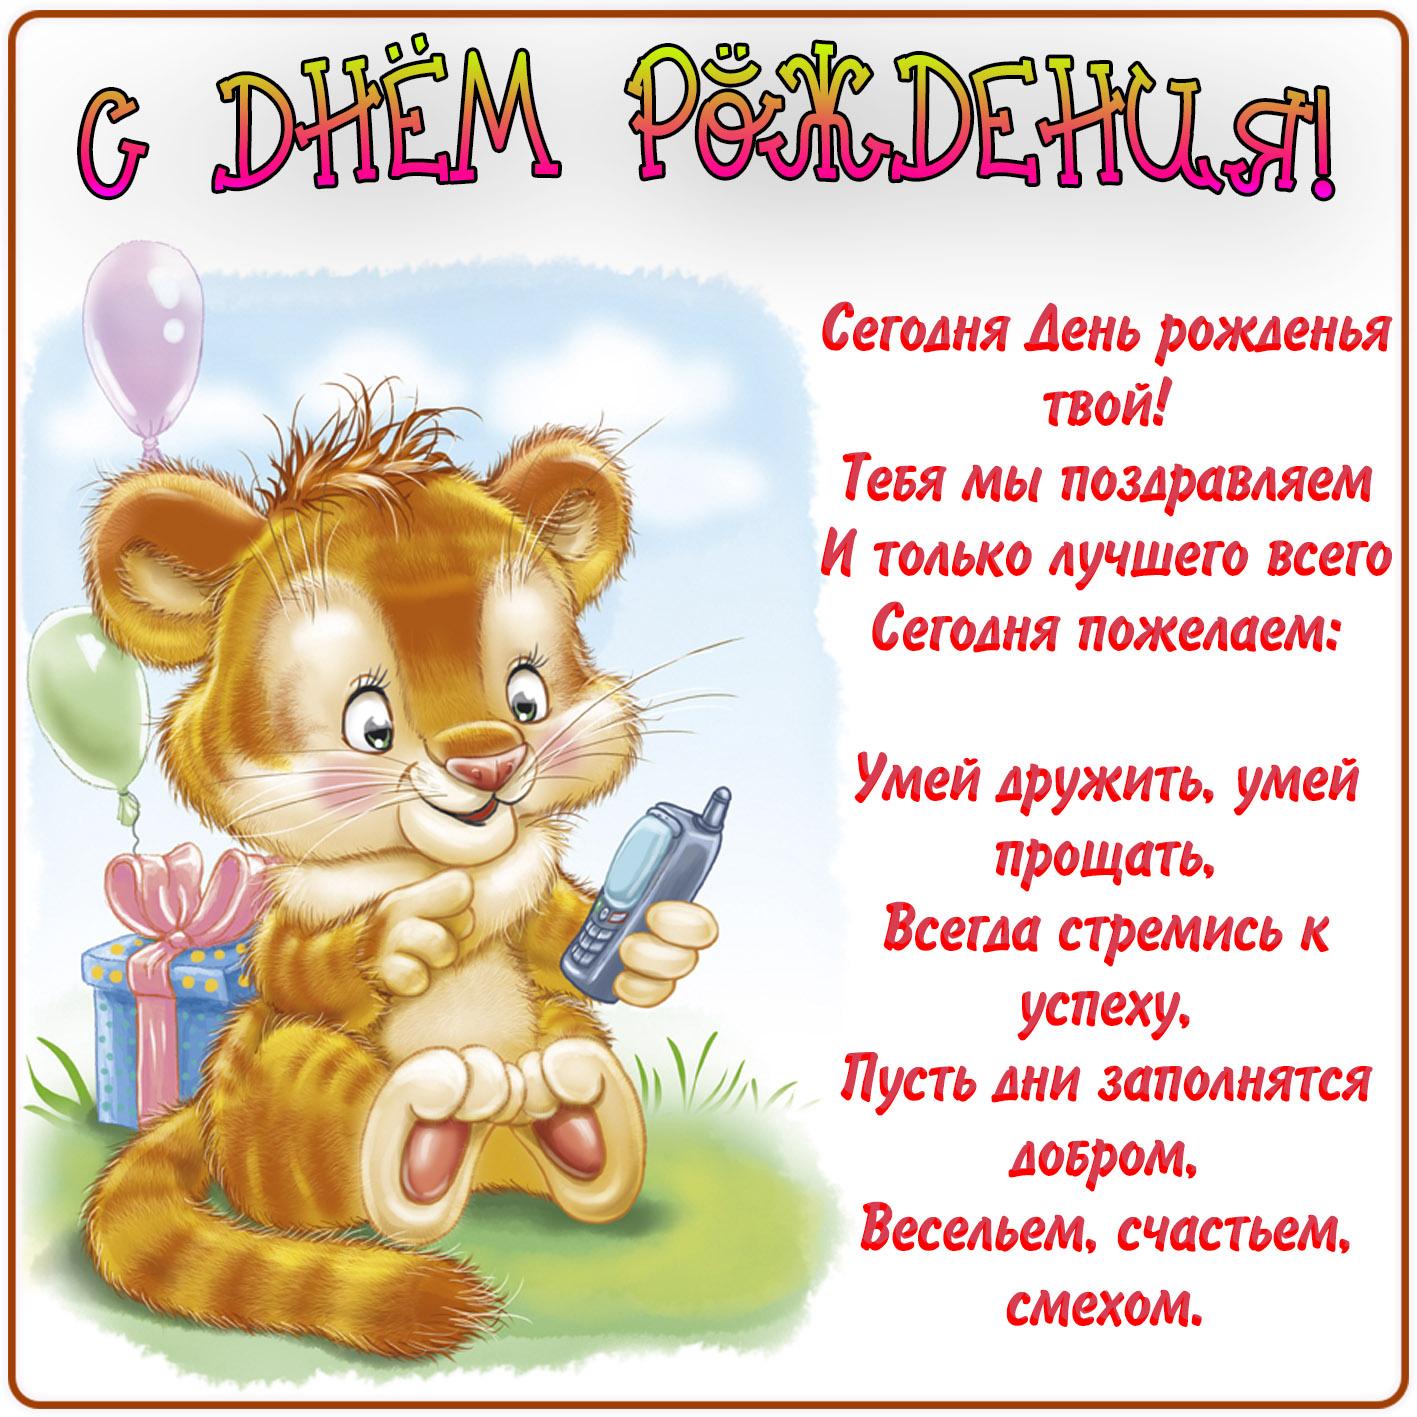 Поздравление с днем рождения детям картинки